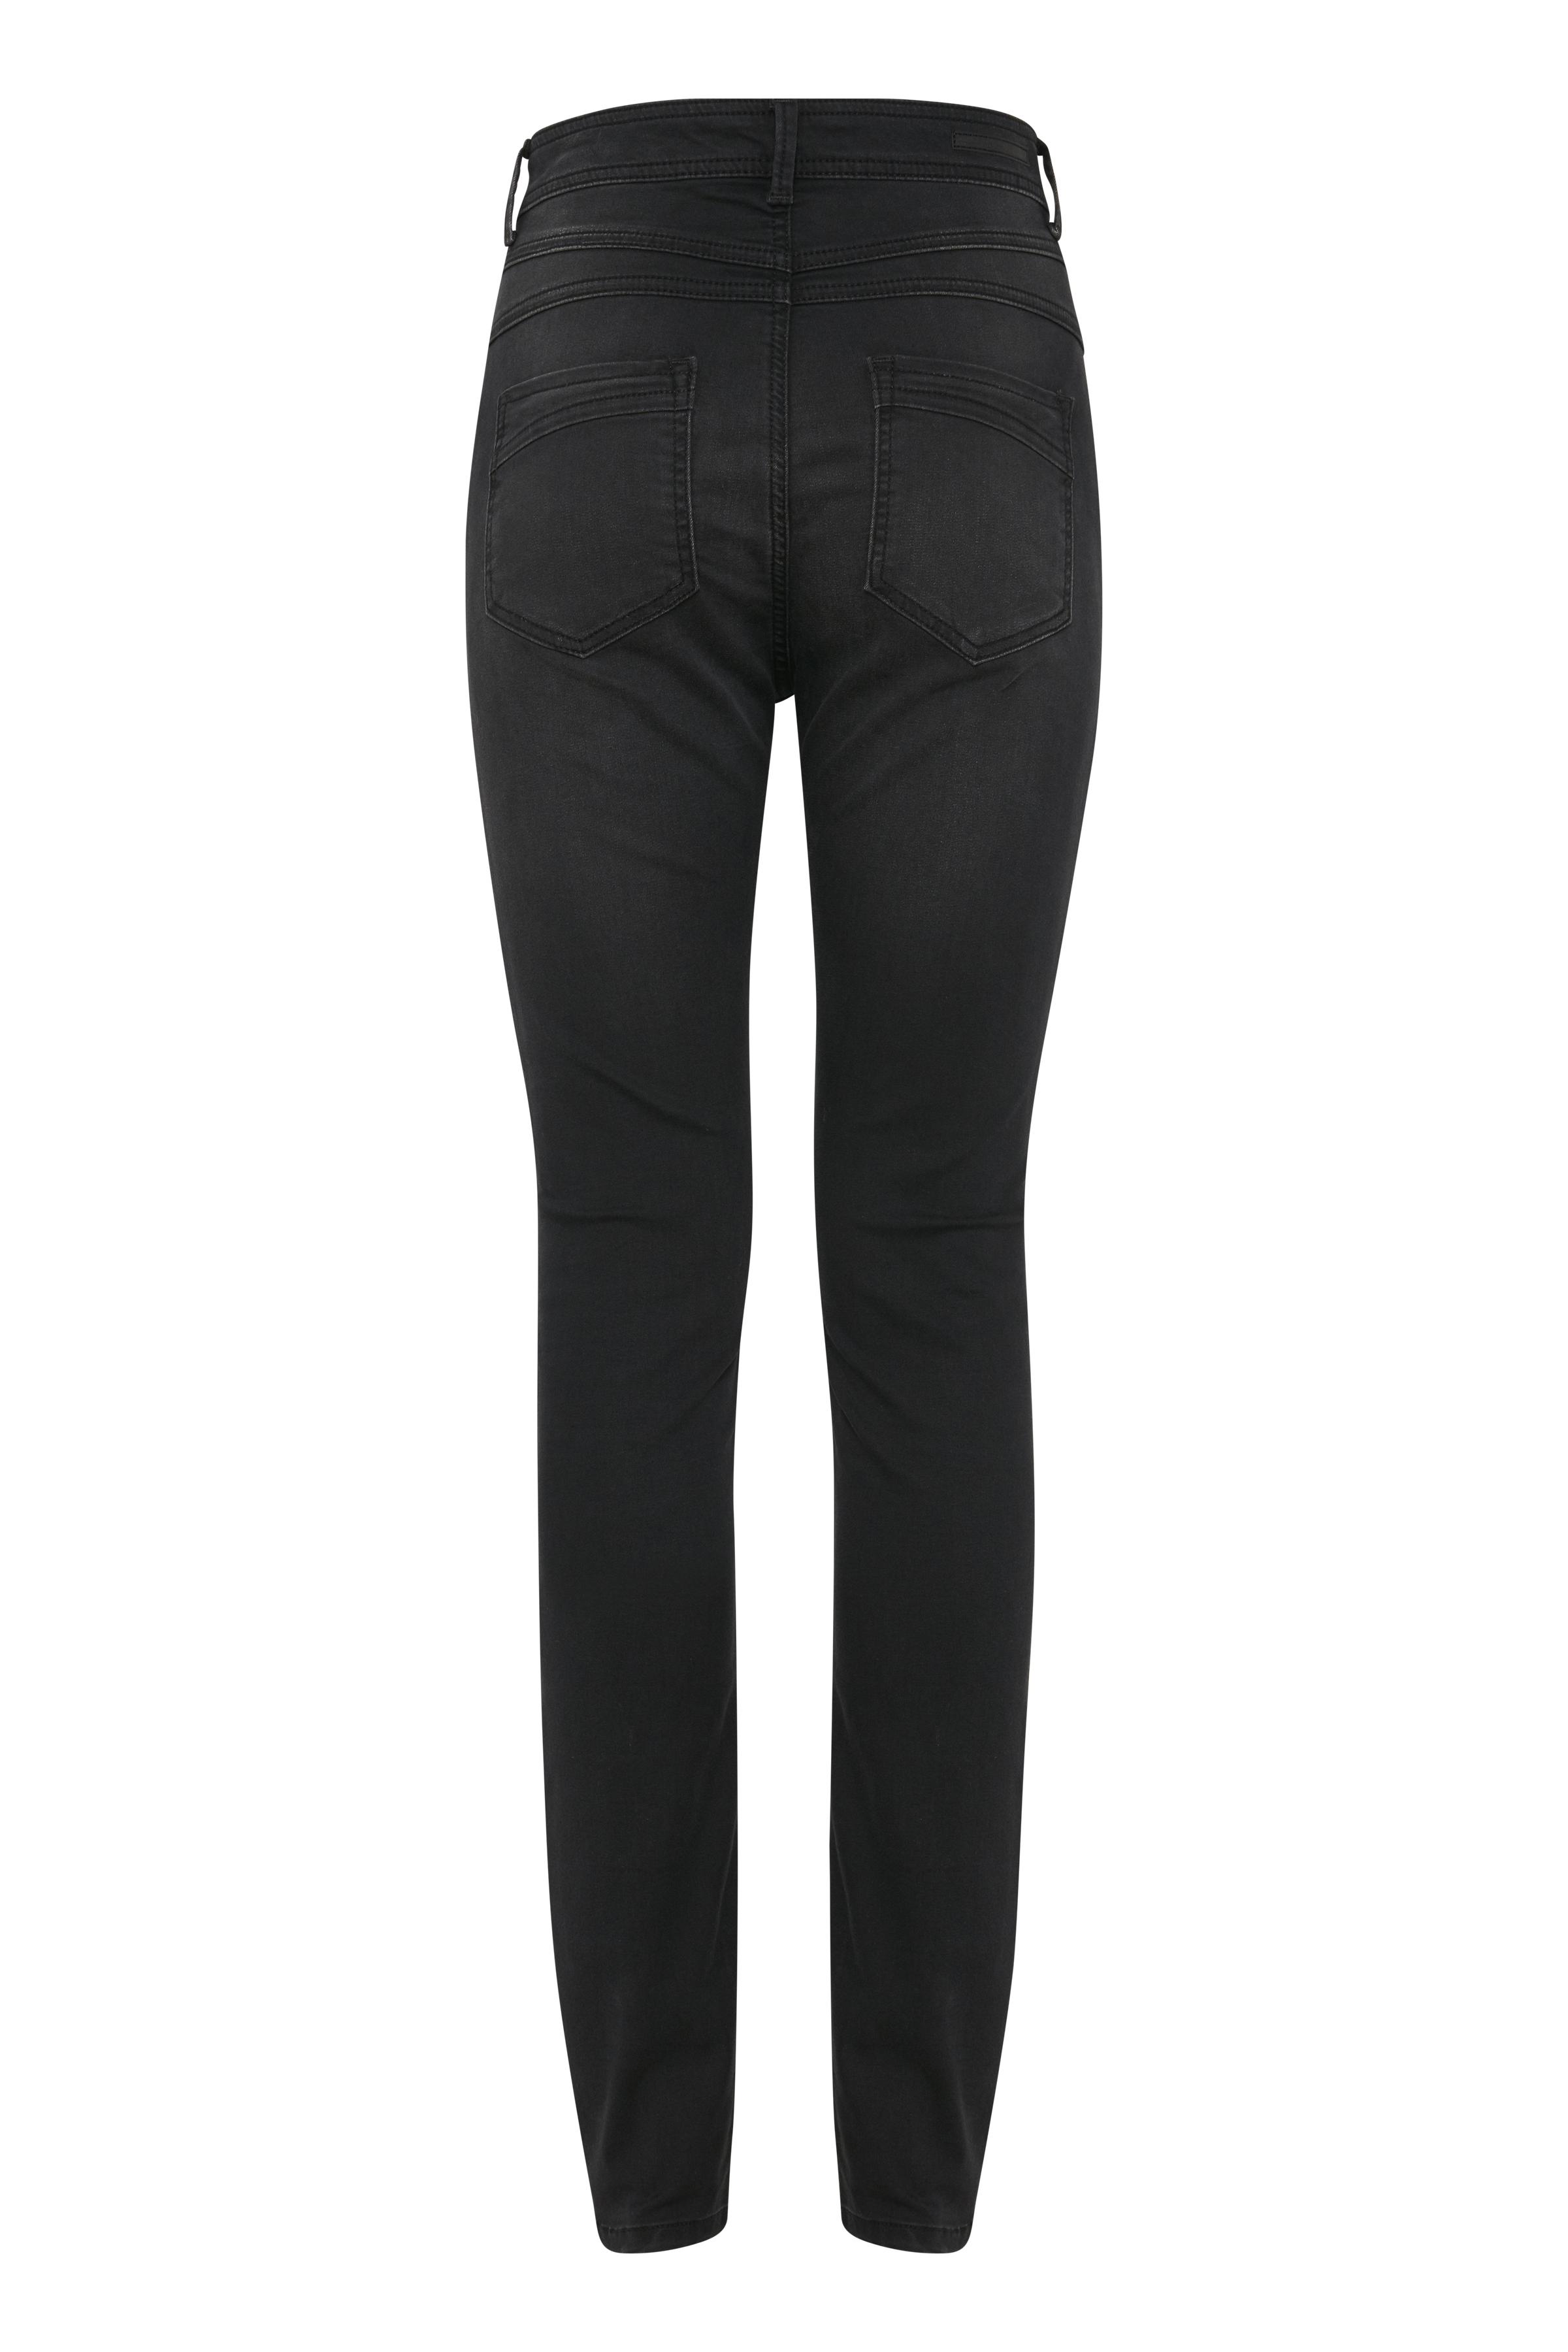 Black Denim Gelya Demu Jeans fra b.young – Køb Black Denim Gelya Demu Jeans fra str. 25-36 her